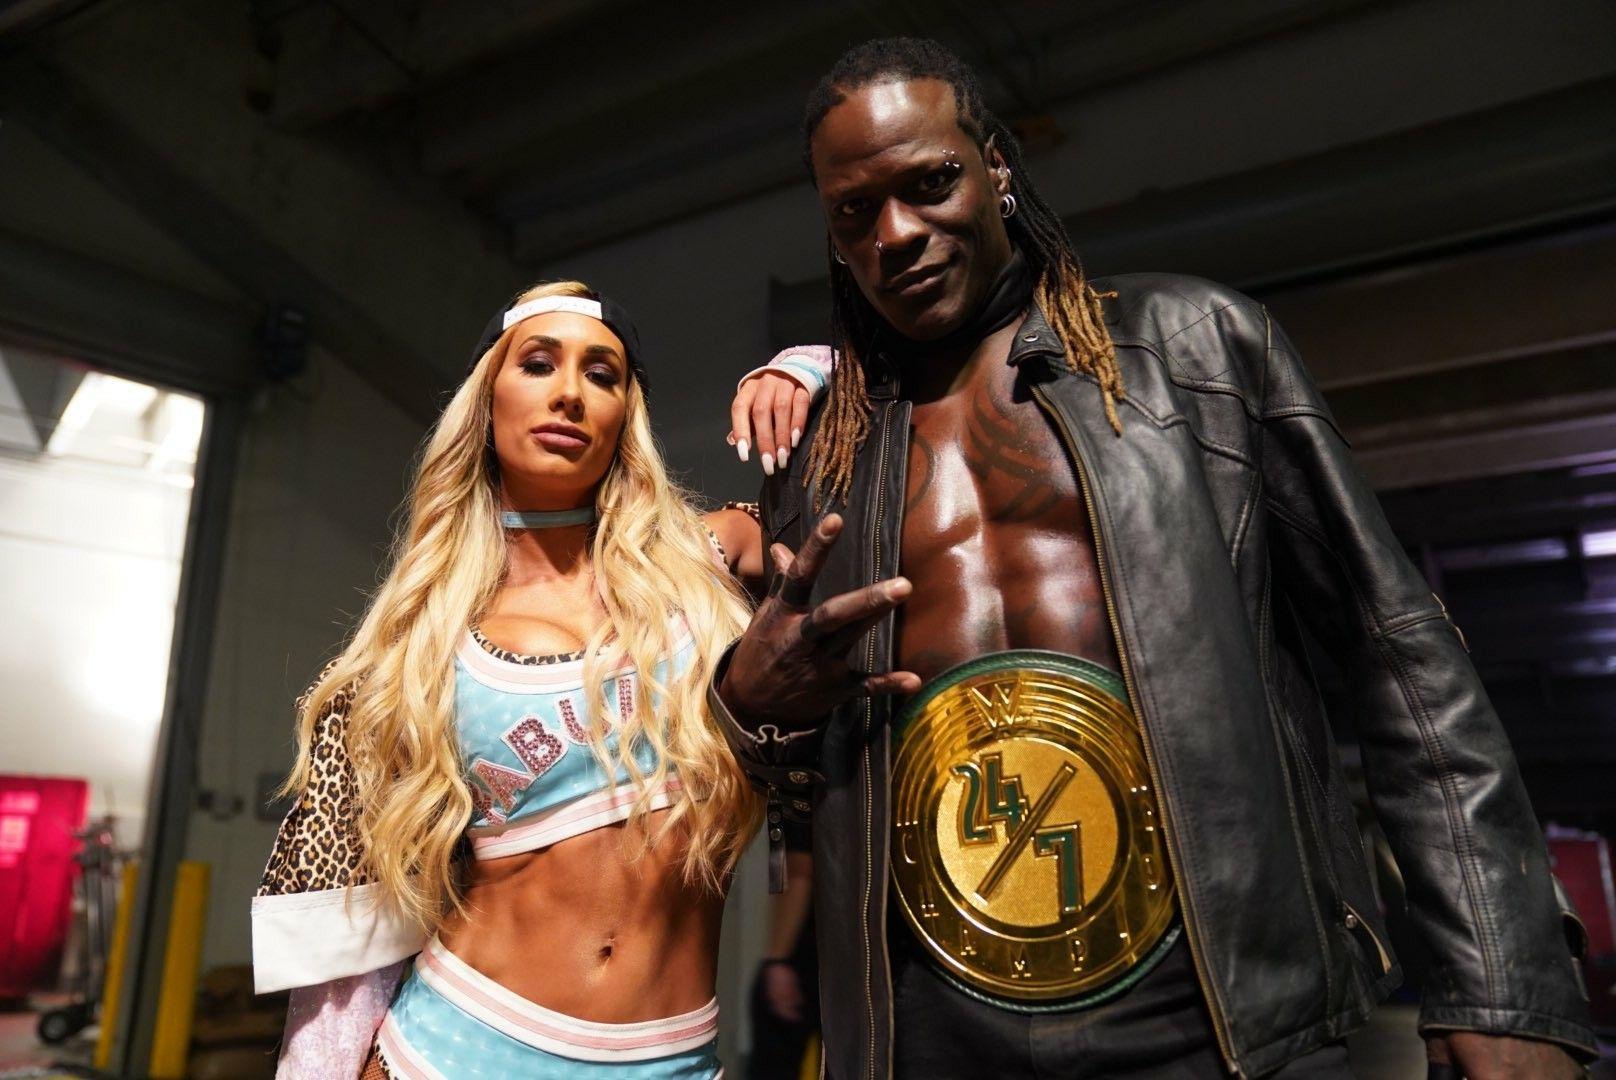 Por qué se separaron Carmella y R-Truth